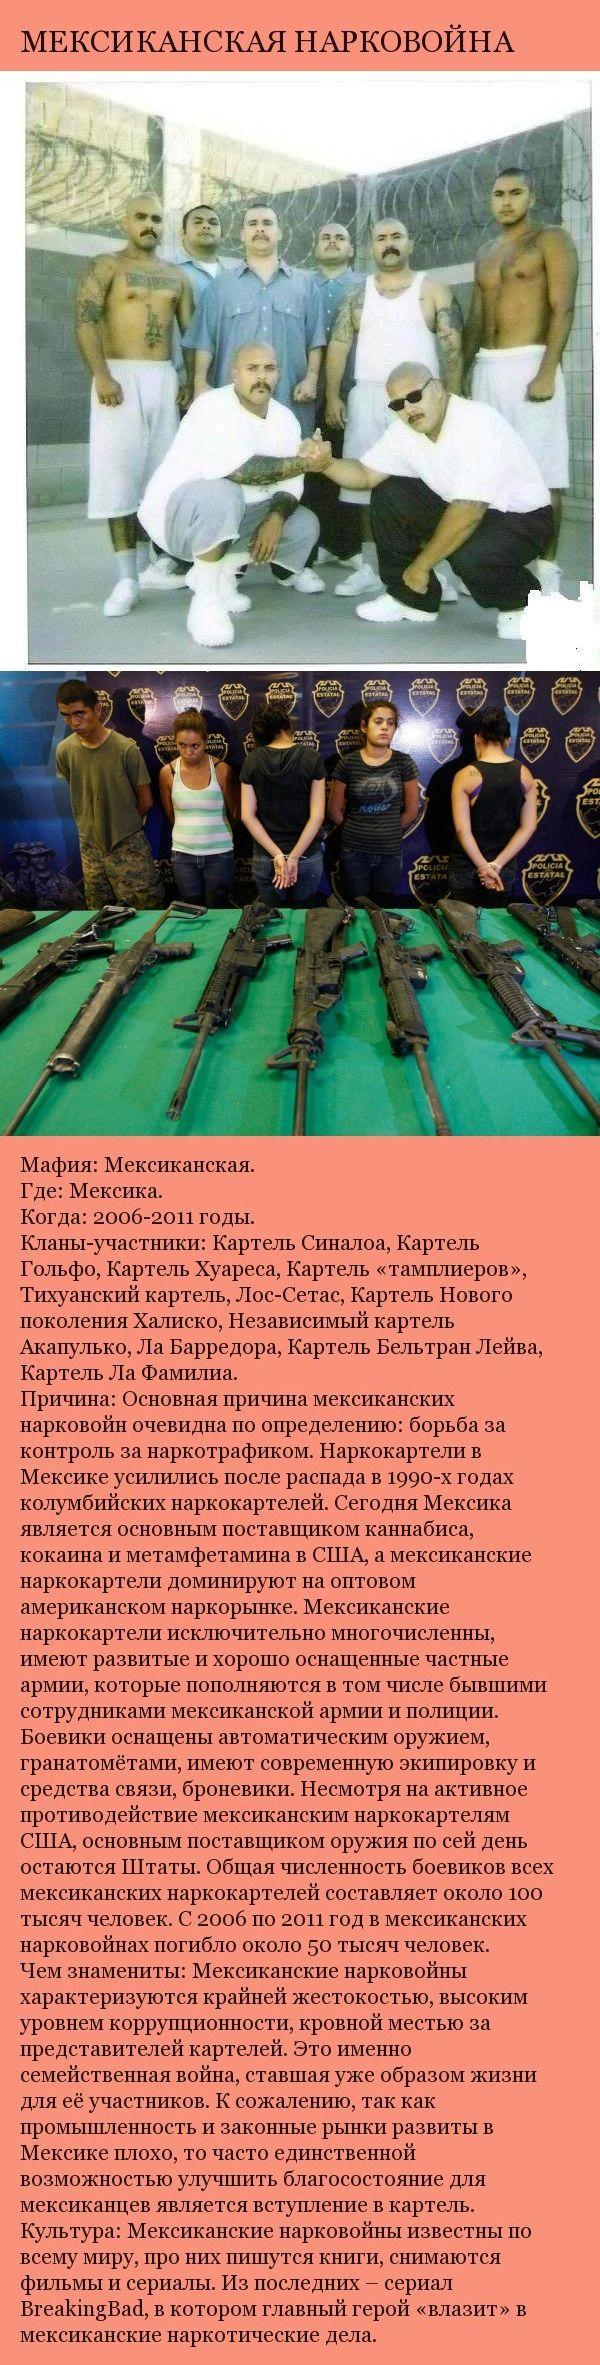 Самые жестокие мафиозные войны (8 фото)